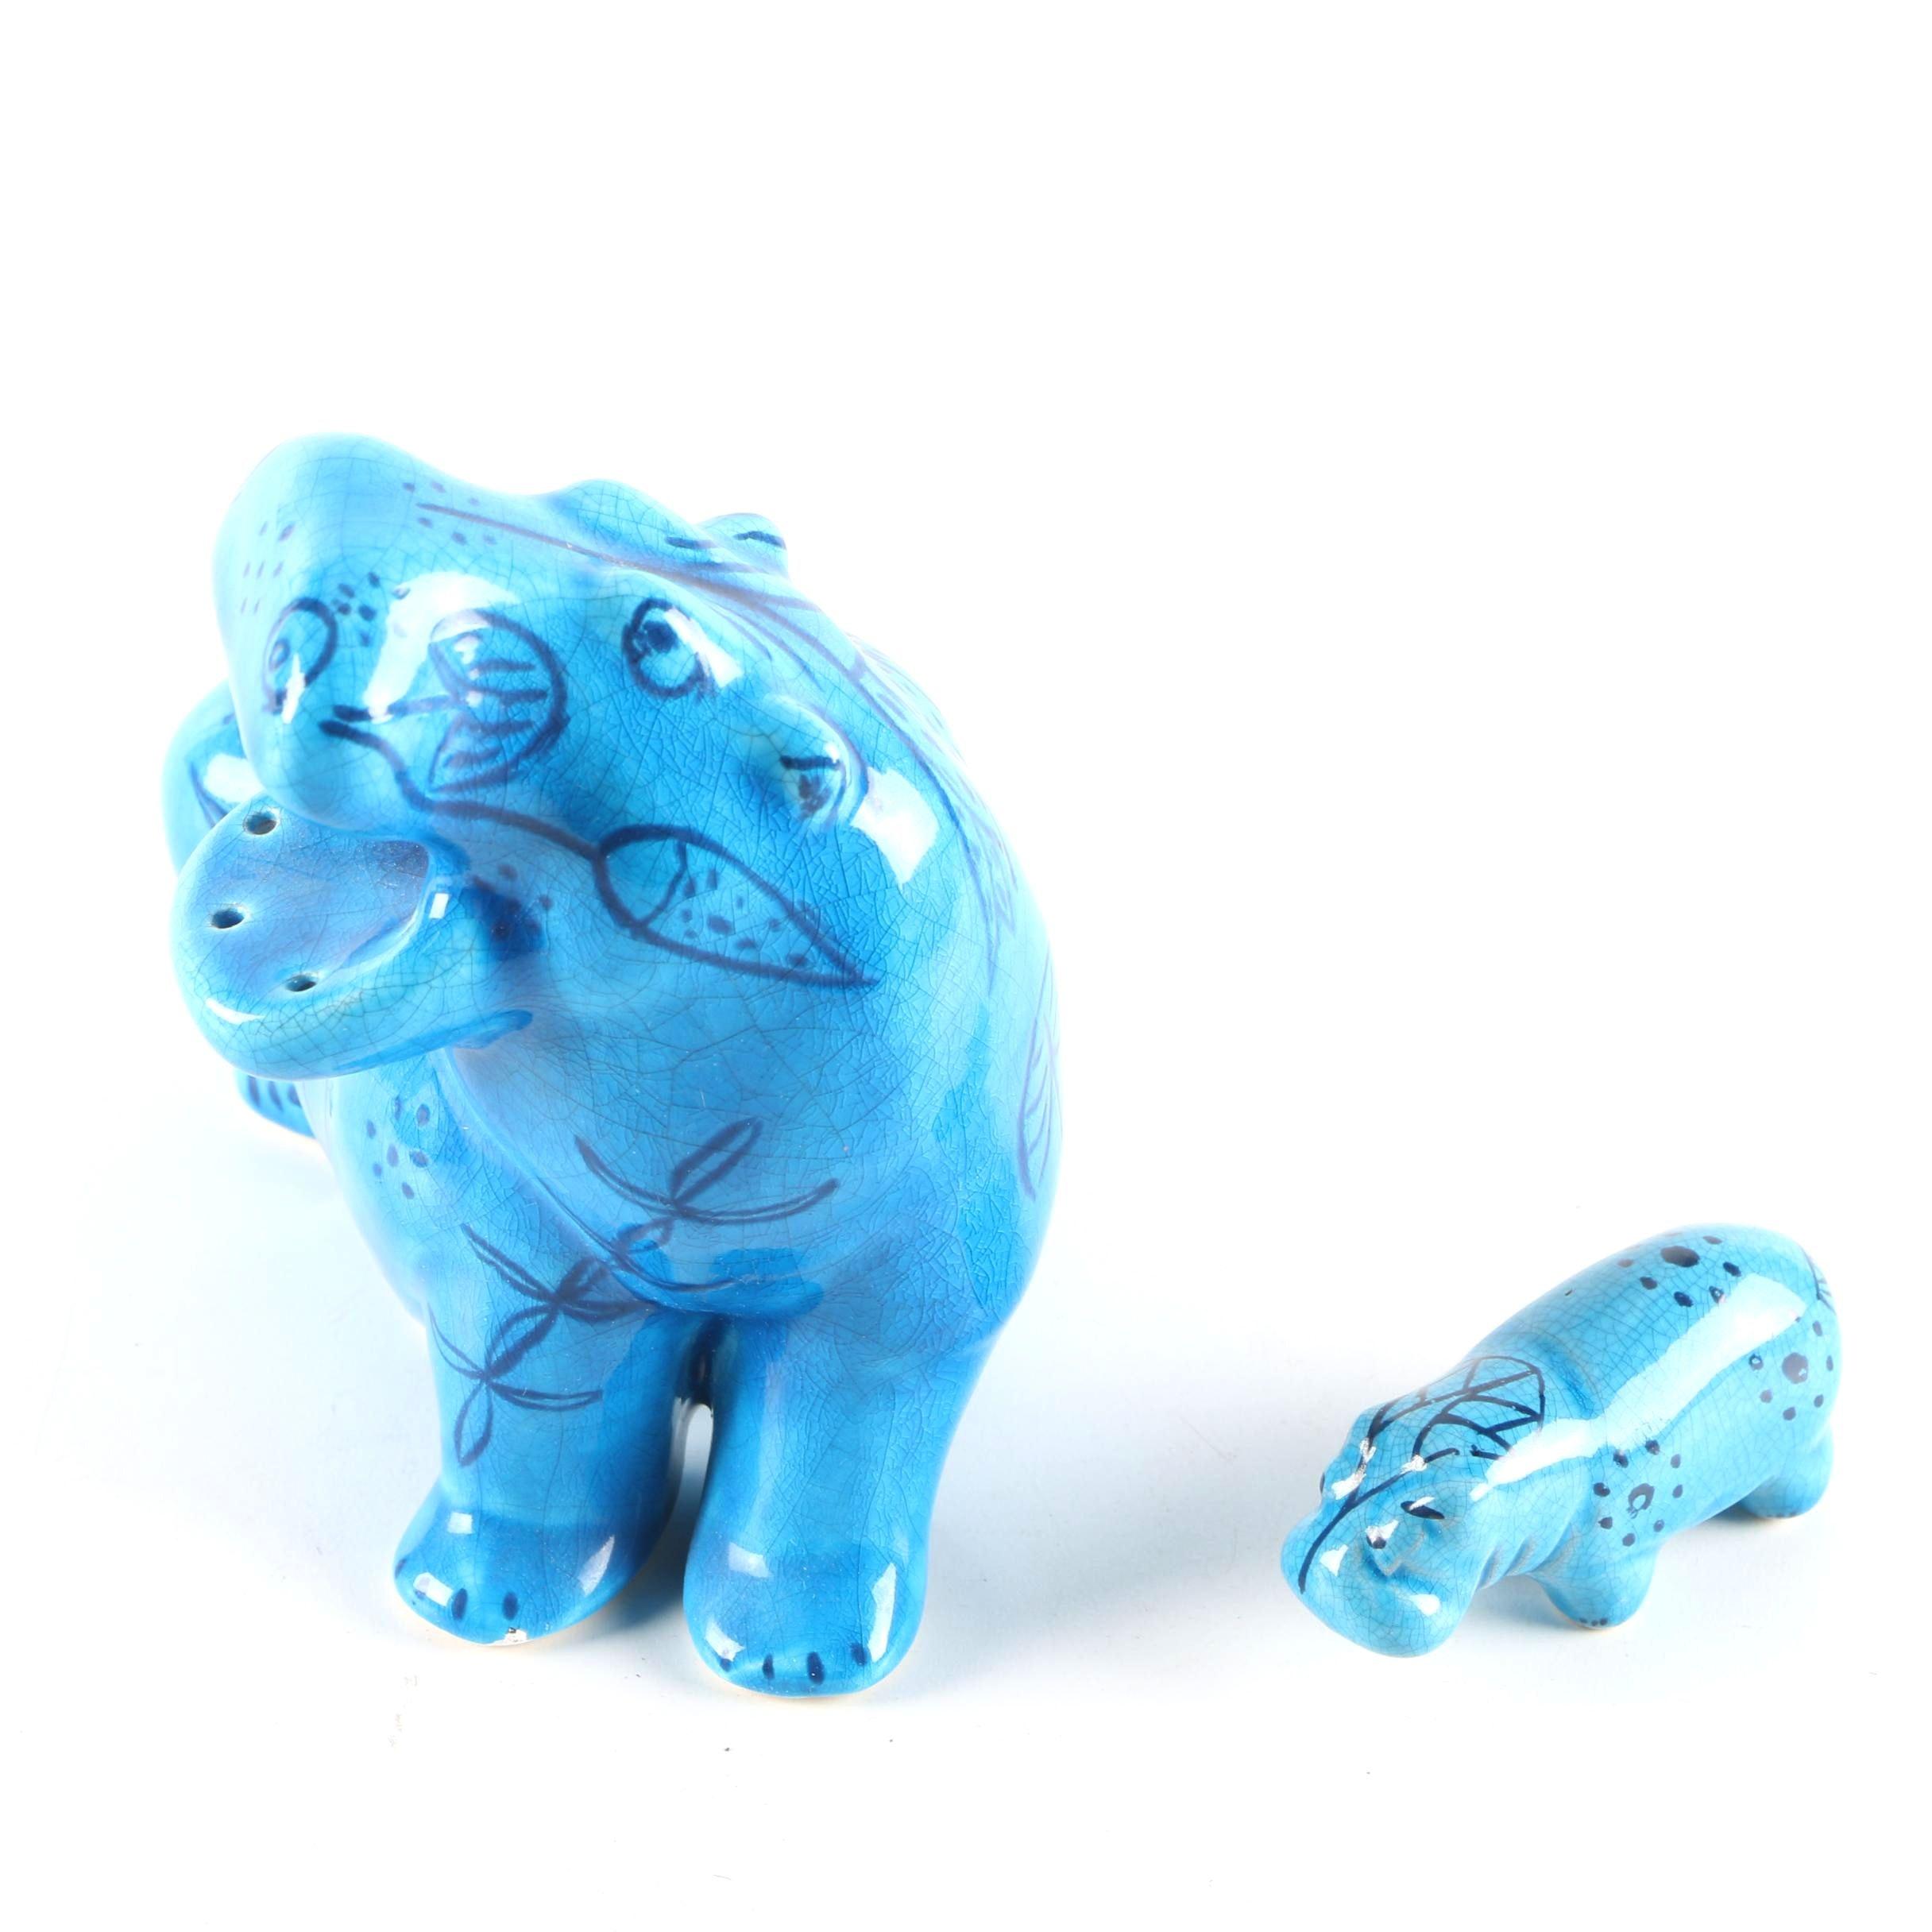 BMPL Blue Ceramic Hippopotamus Figurines